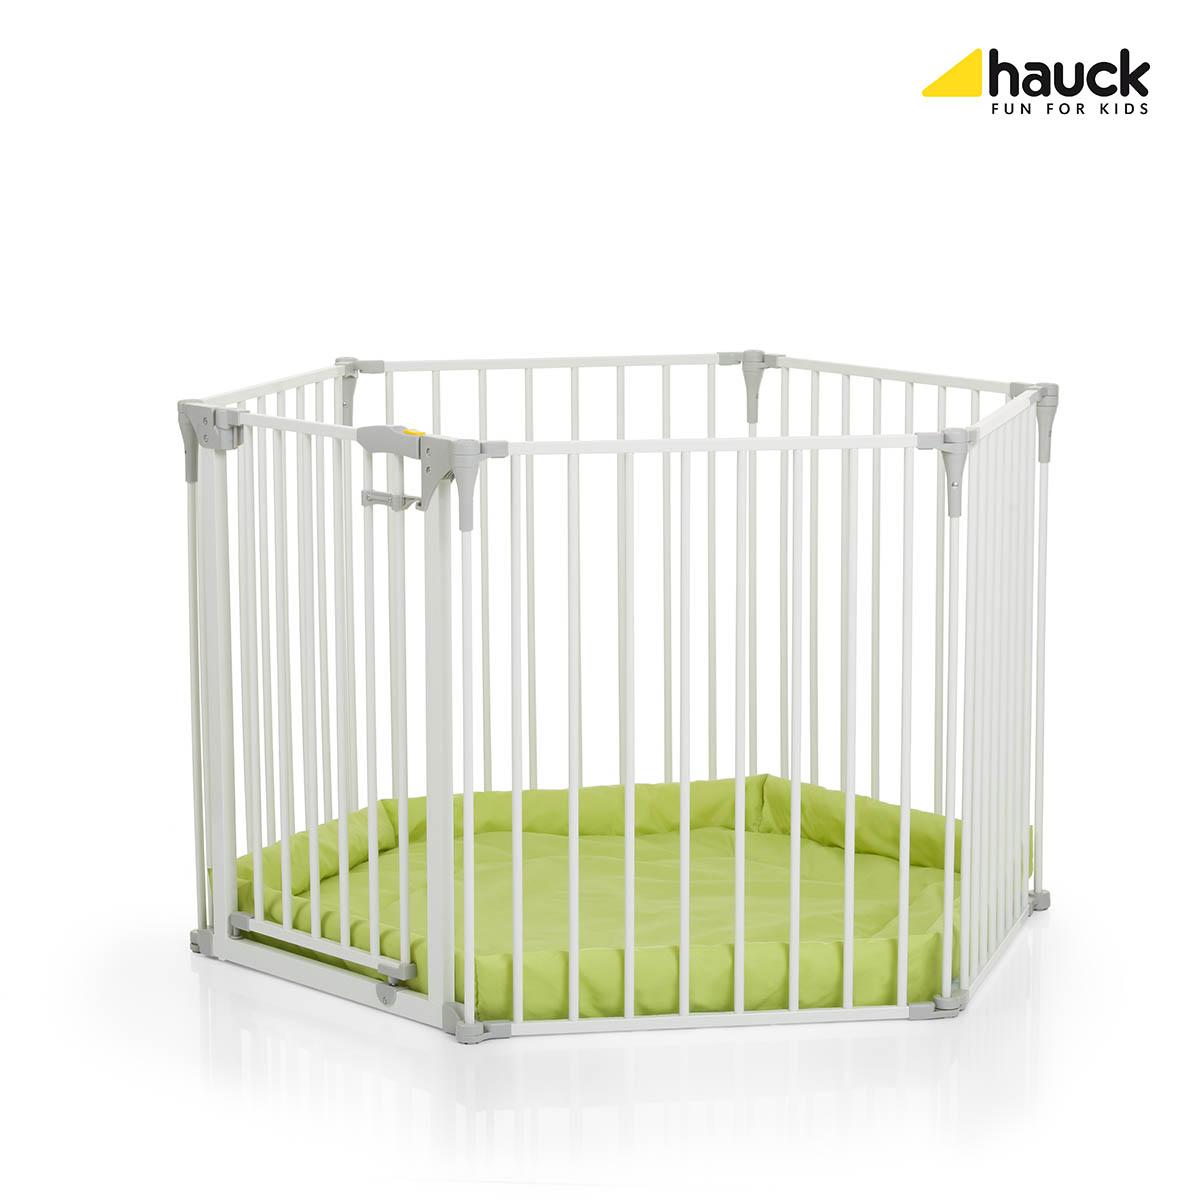 Hauck drošības sētiņa Baby Park